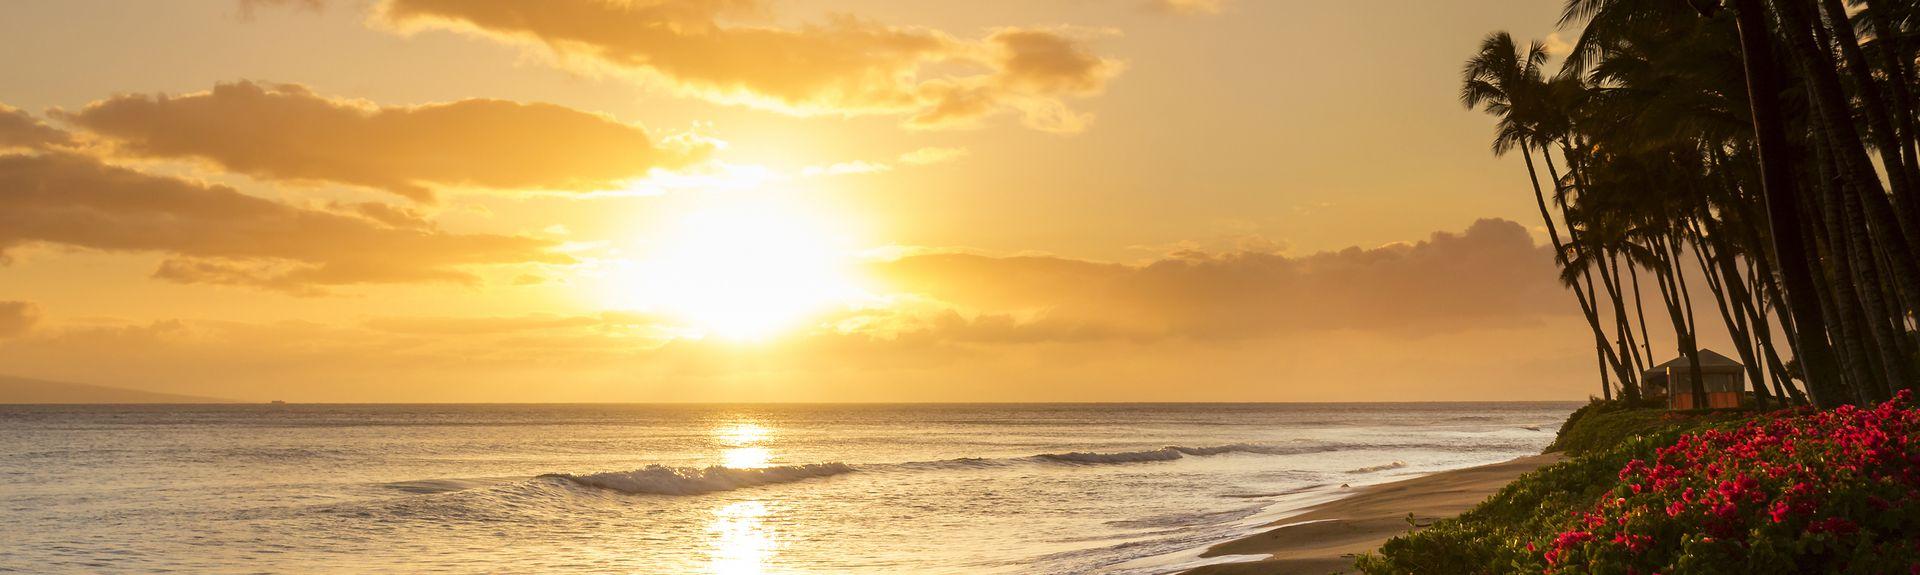 Waikiki Sunset, Waikiki, HI, USA